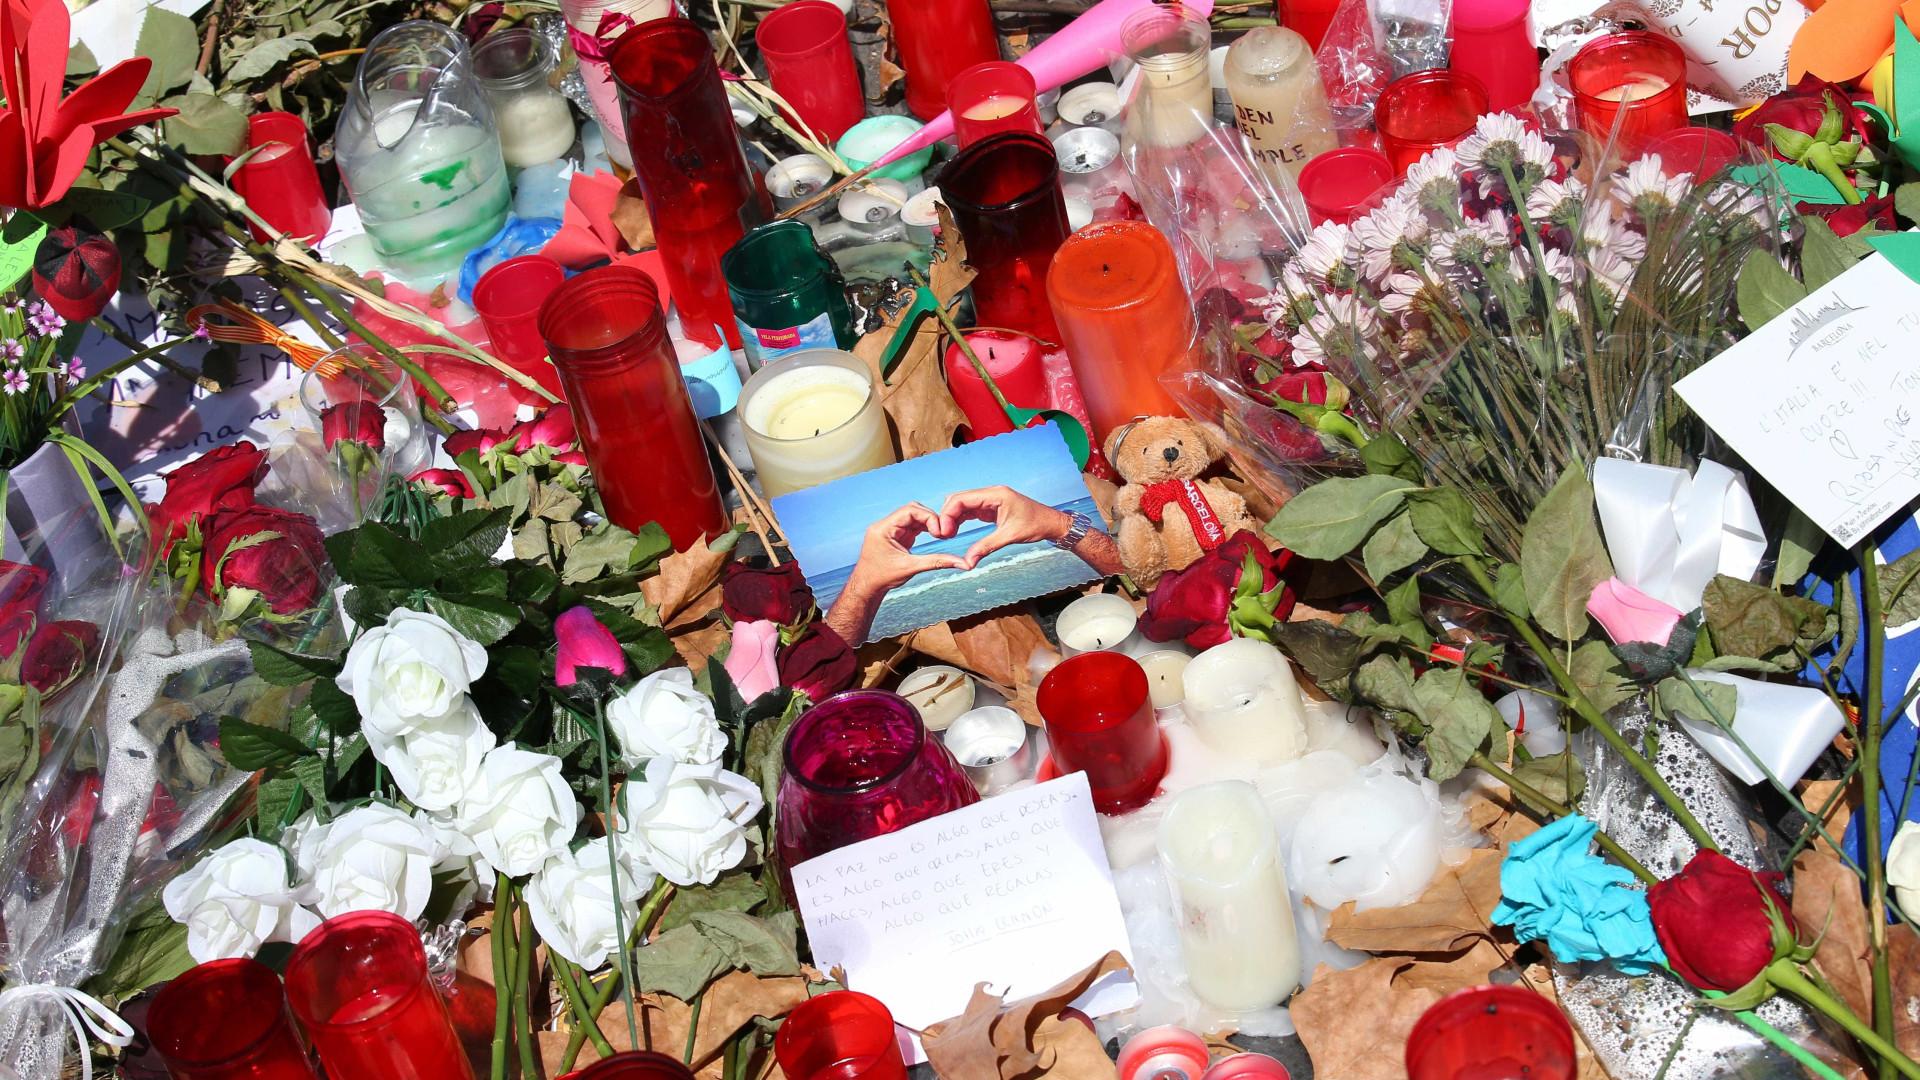 Morreu turista ferida em atentado de Barcelona